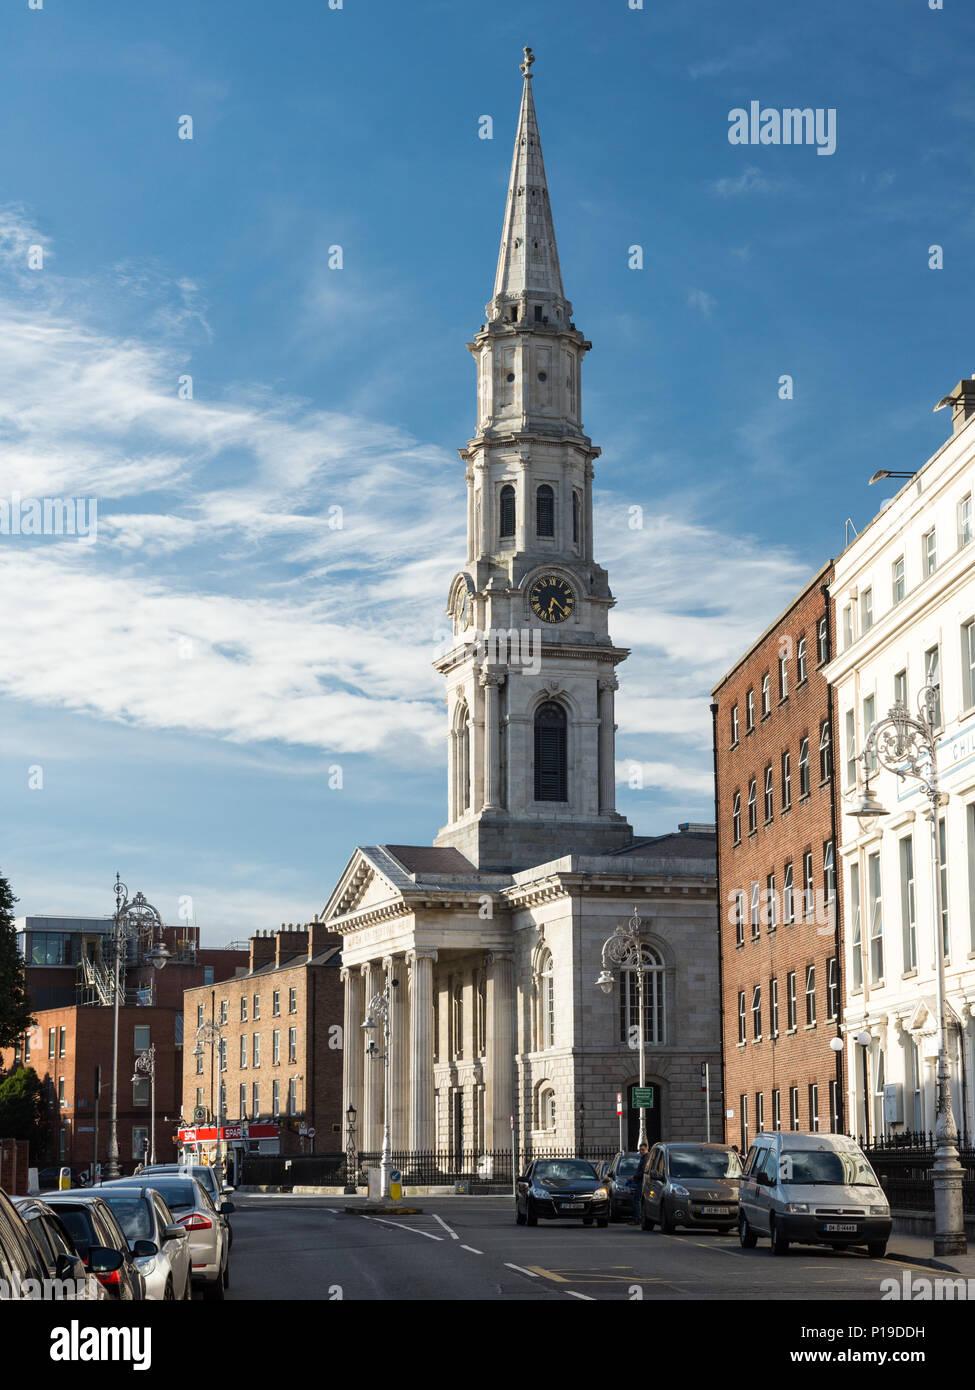 Georges Street Dublin Stock Photos & Georges Street Dublin Stock ...